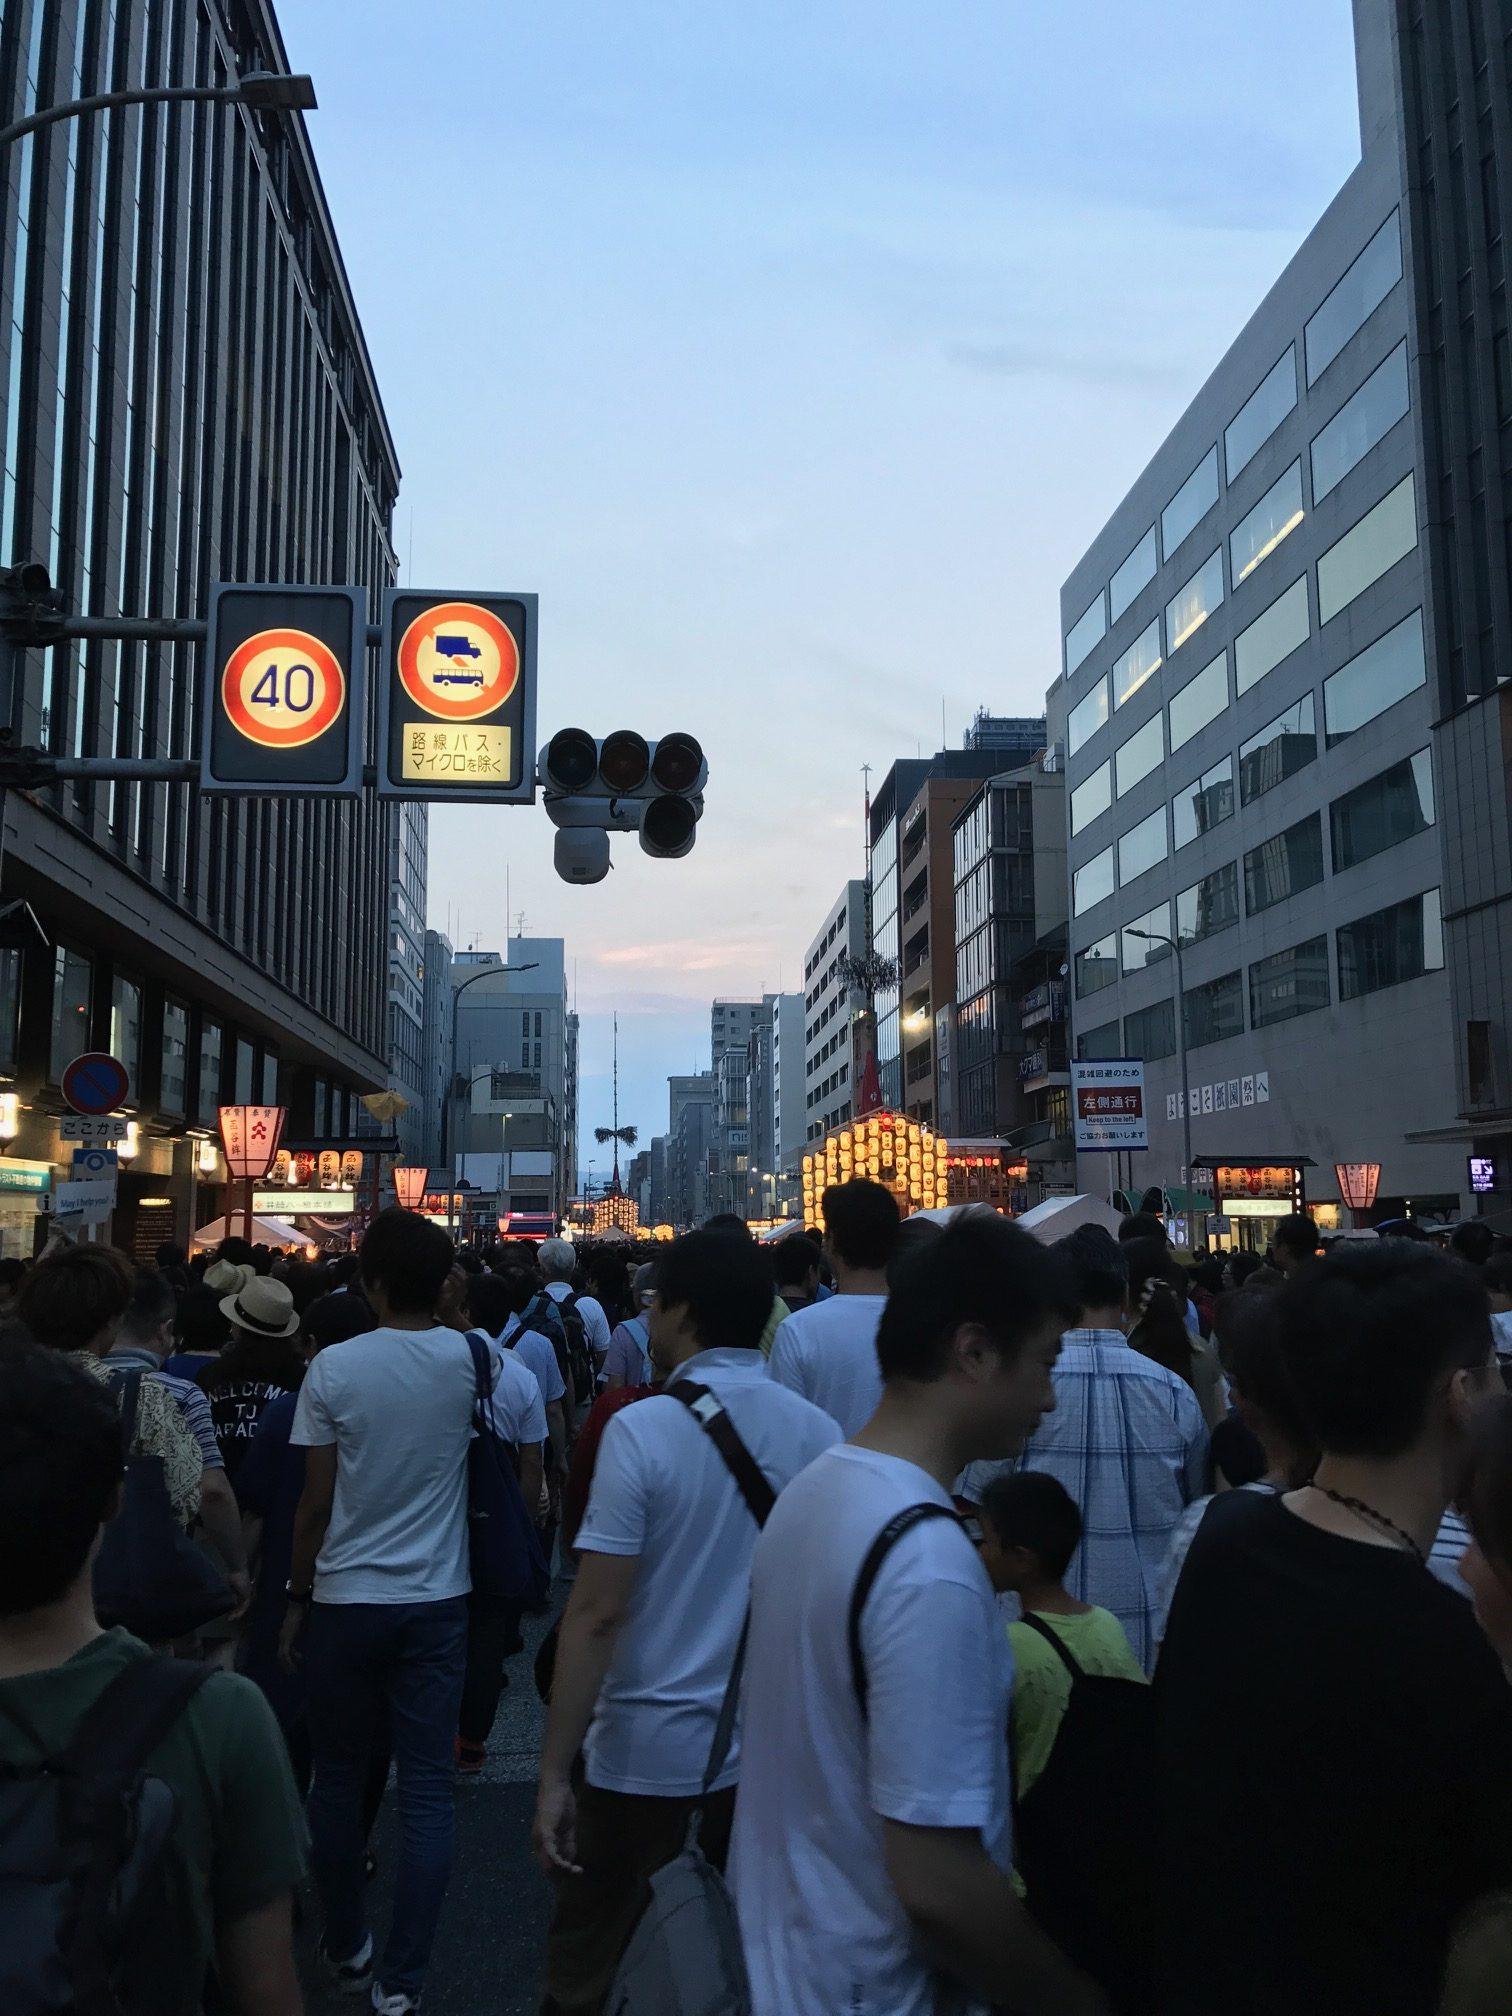 祇園祭り歩行者天国